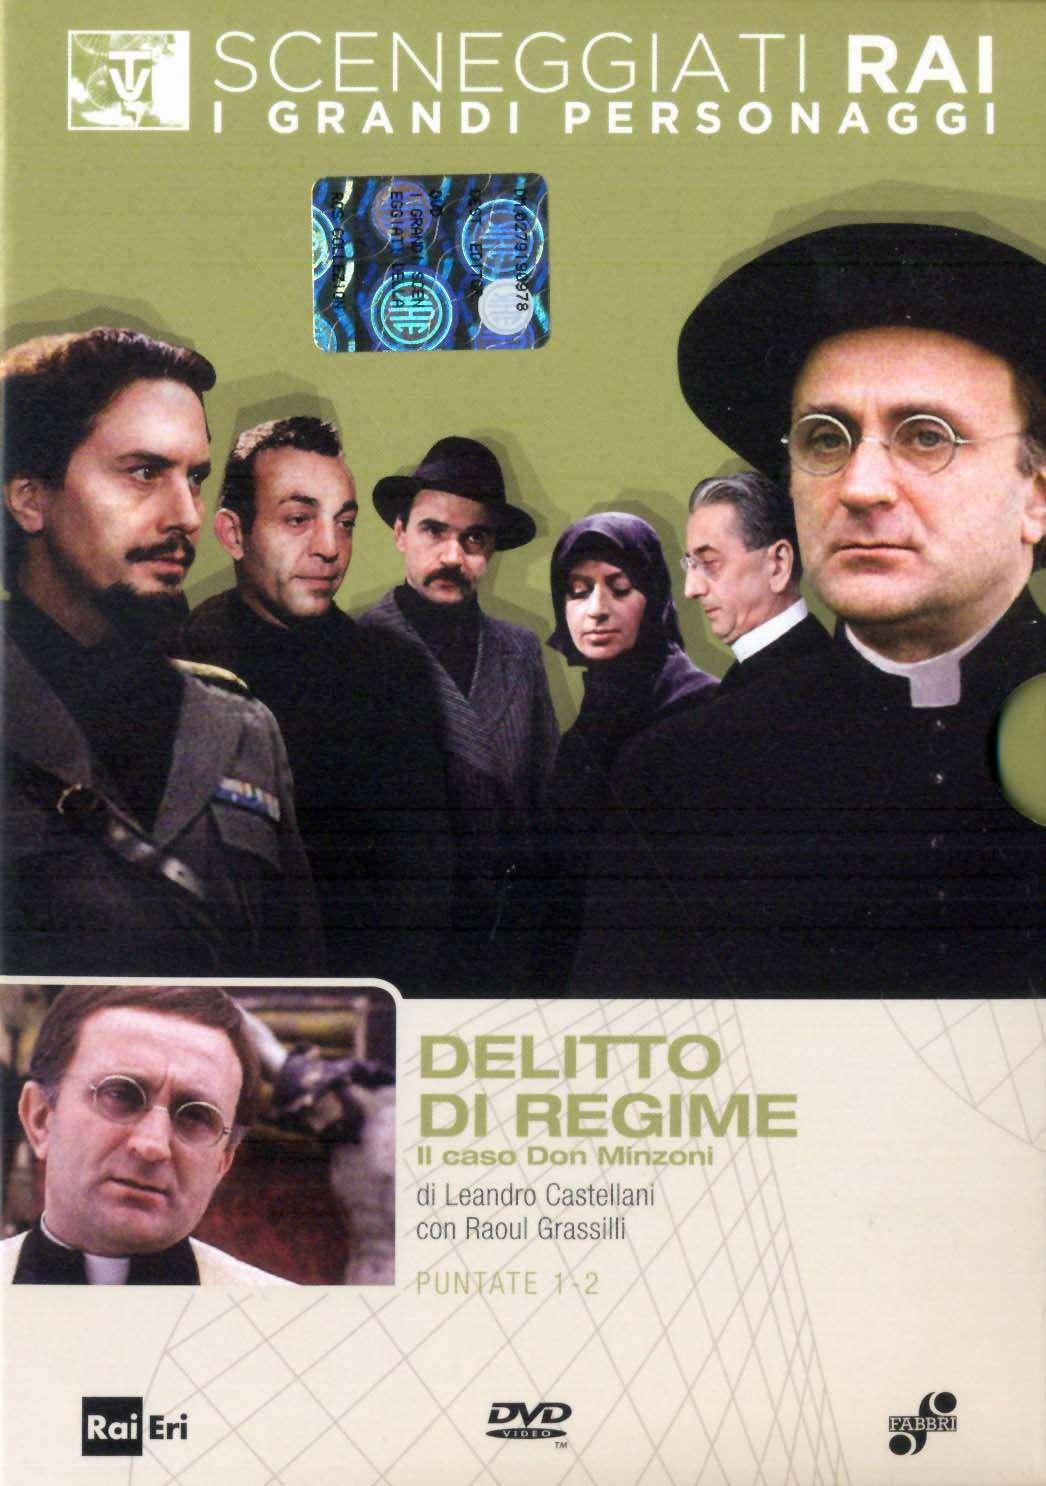 Sceneggiati RAI - Delitto di regime Il caso Don Minzoni (1973) .avi DVDRip Ac3 ITA